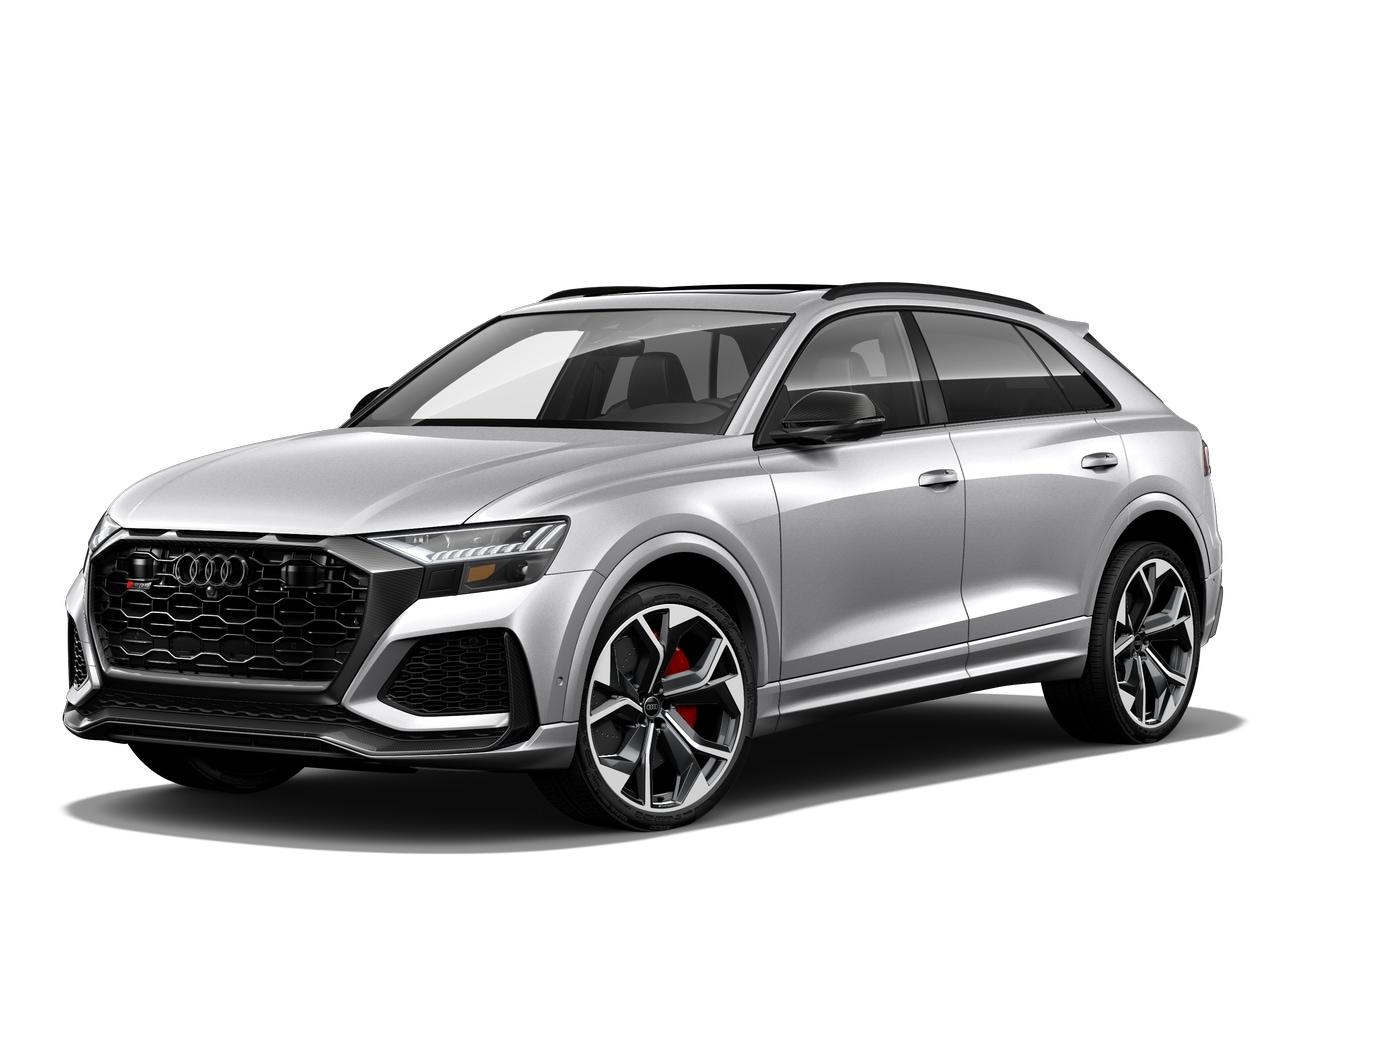 2021 Audi RS Q8 Cary NC